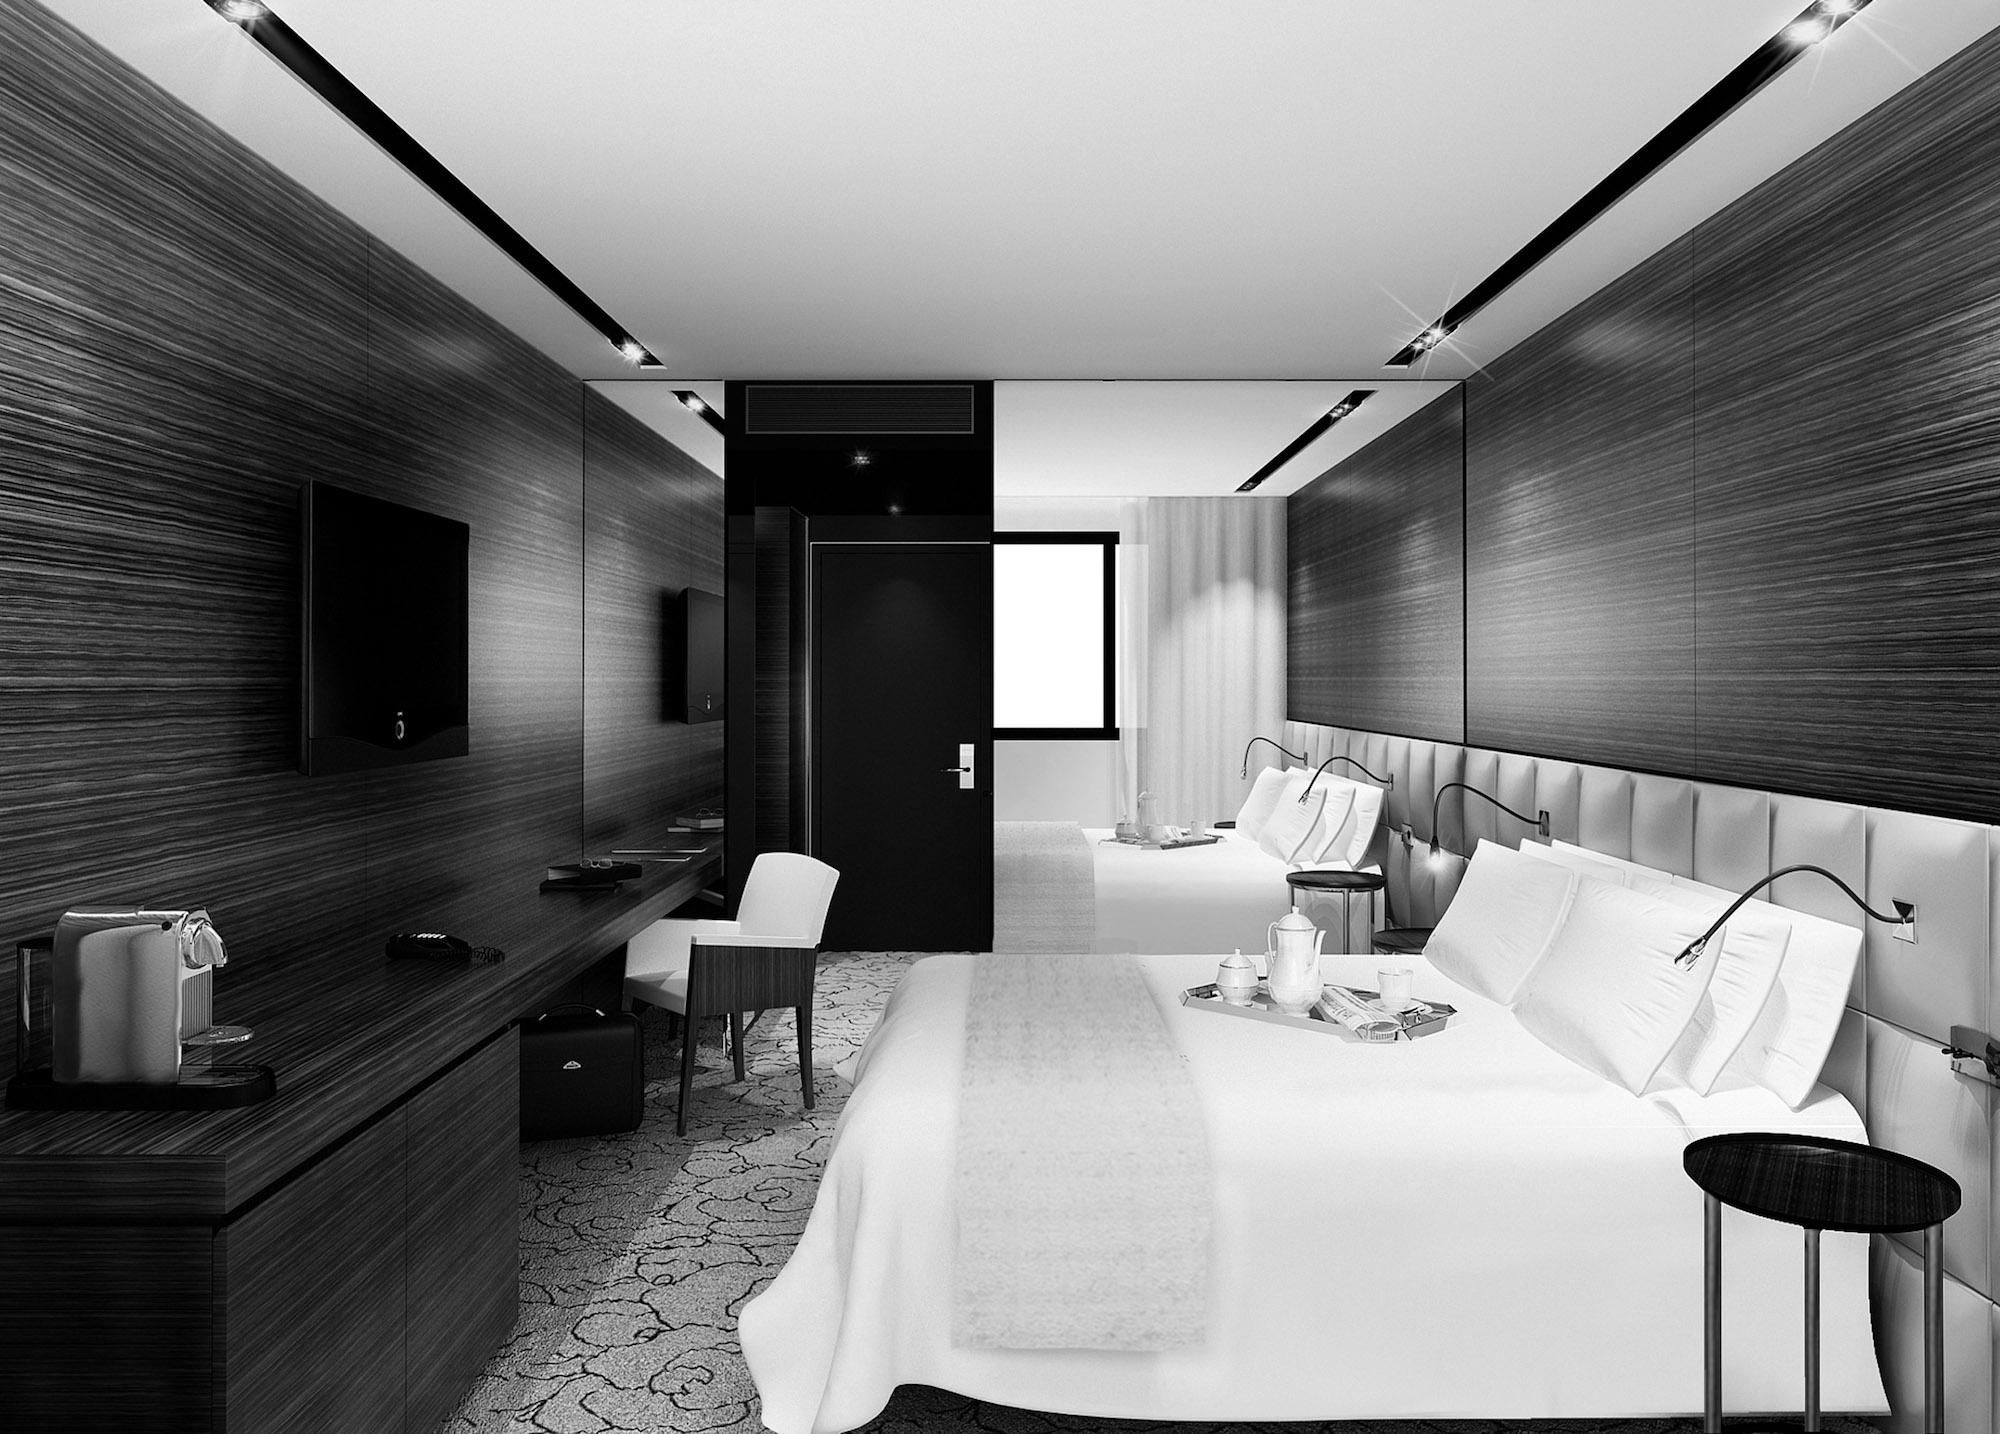 hypsom-lit-haut-de-gamme-hotel